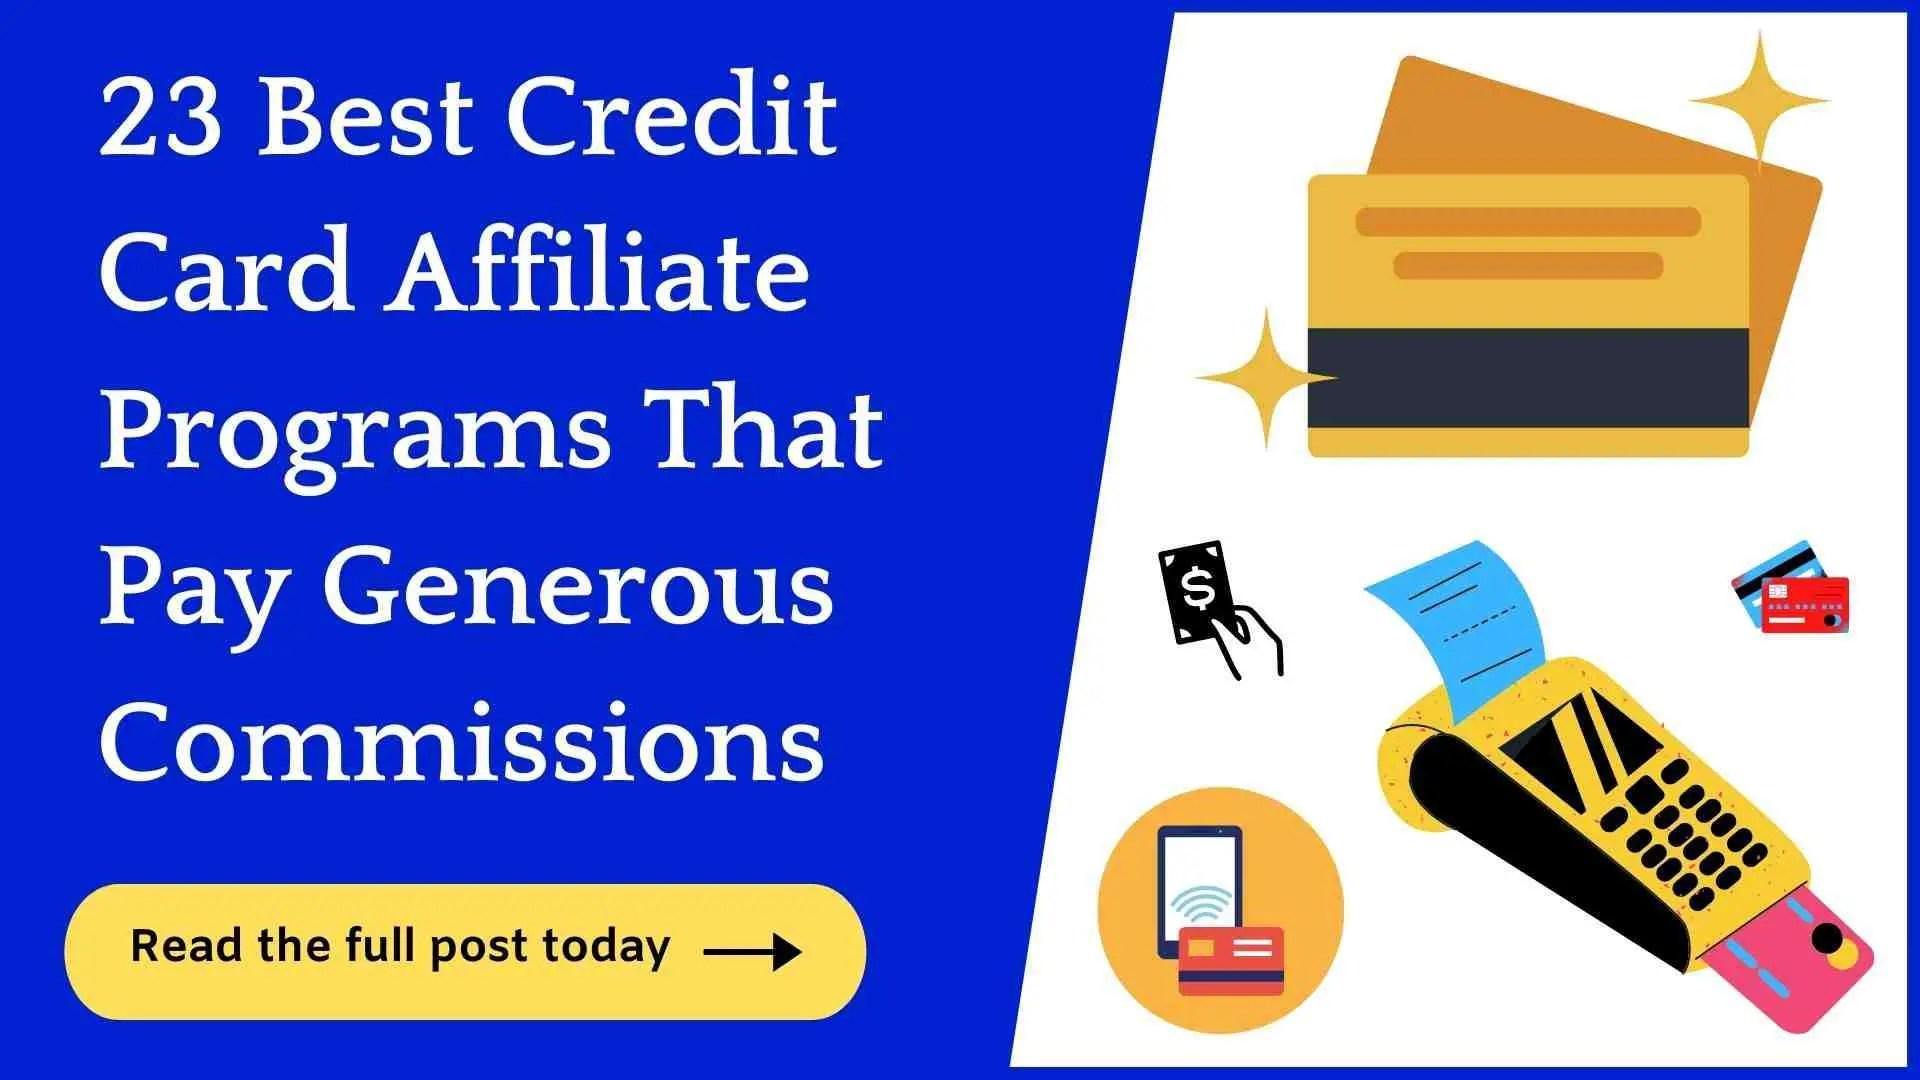 credit card affiliate programs.